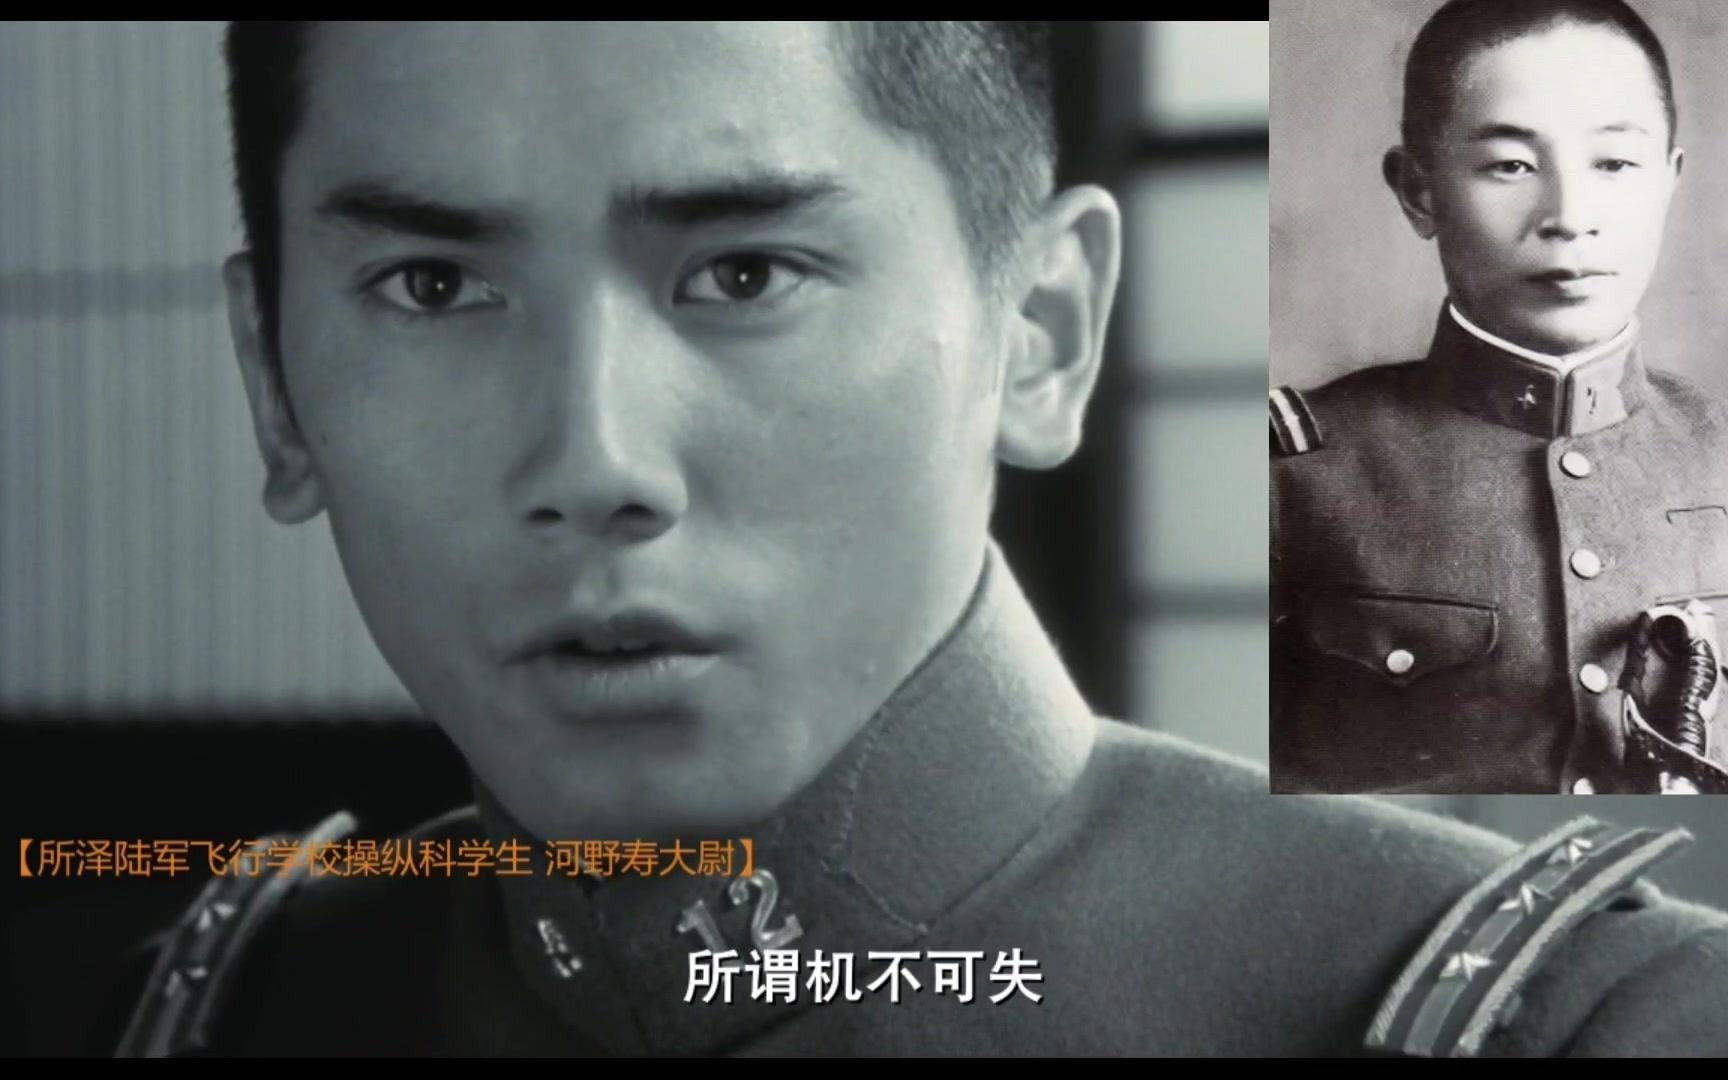 二二六兵变:用历史照片逐一对比剧中皇道派青年军官,这TM就是昭和男儿吗?